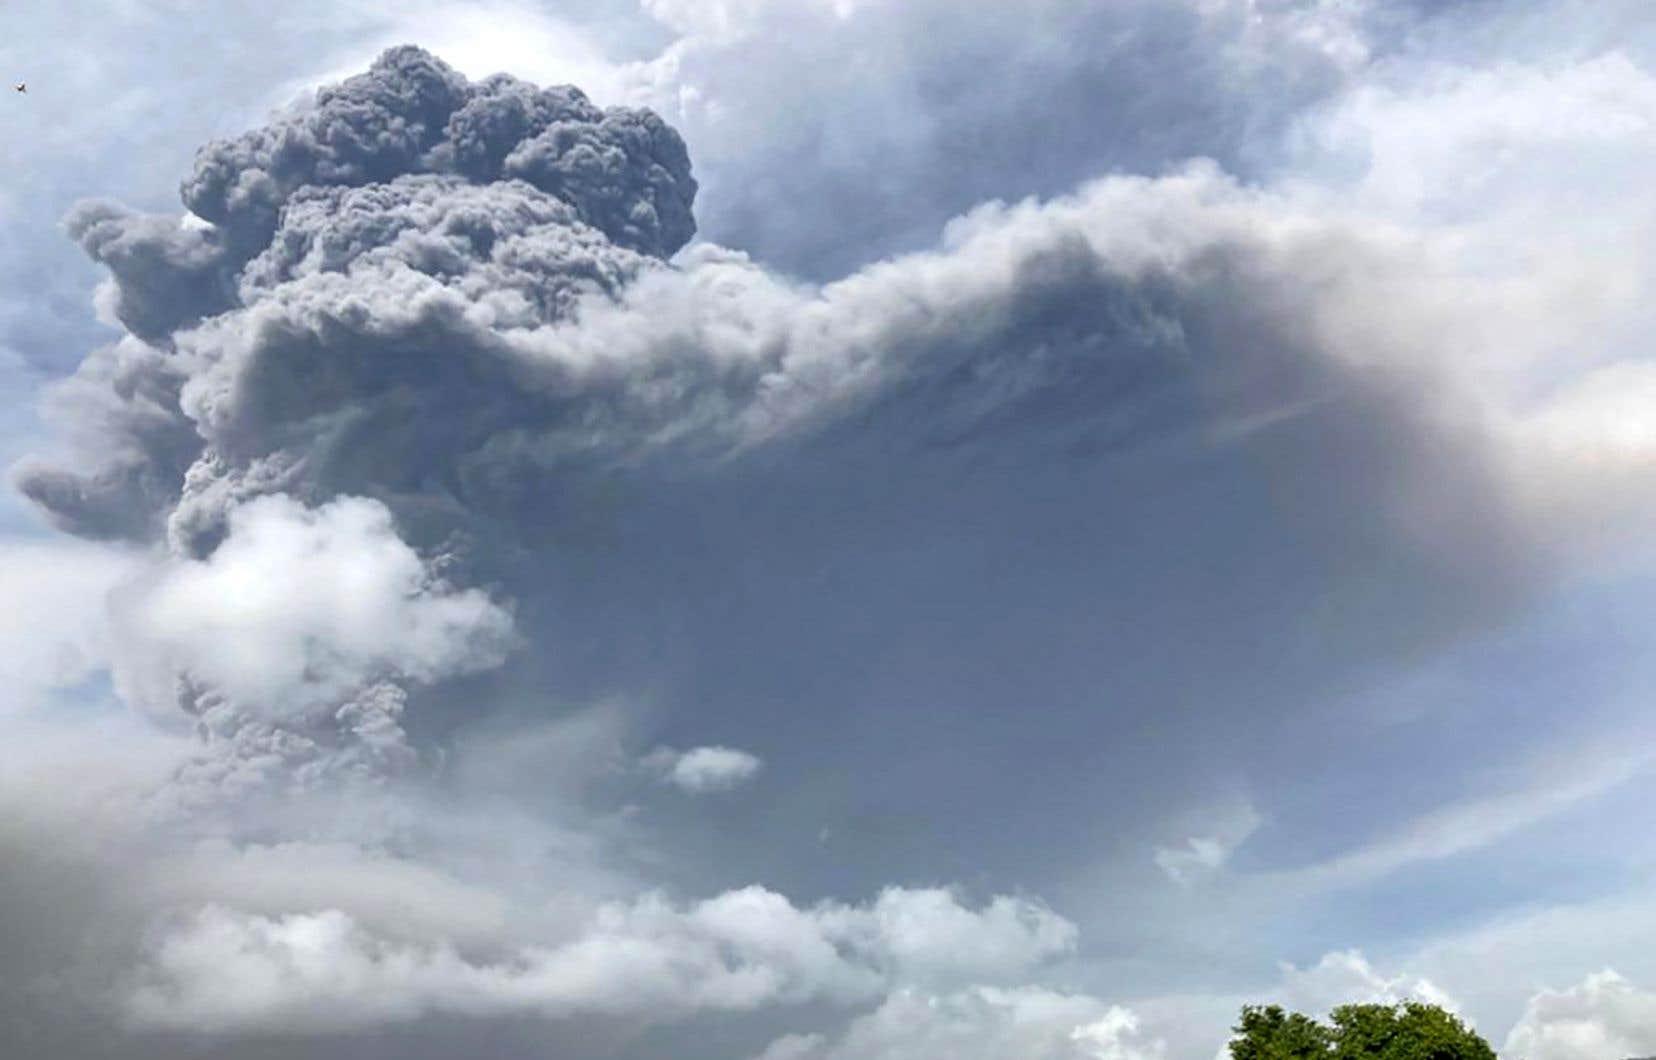 L'éruption de la Soufrière, pour la première fois depuis 40 ans, a forcé l'évacuation de milliers de personnes vendredi.